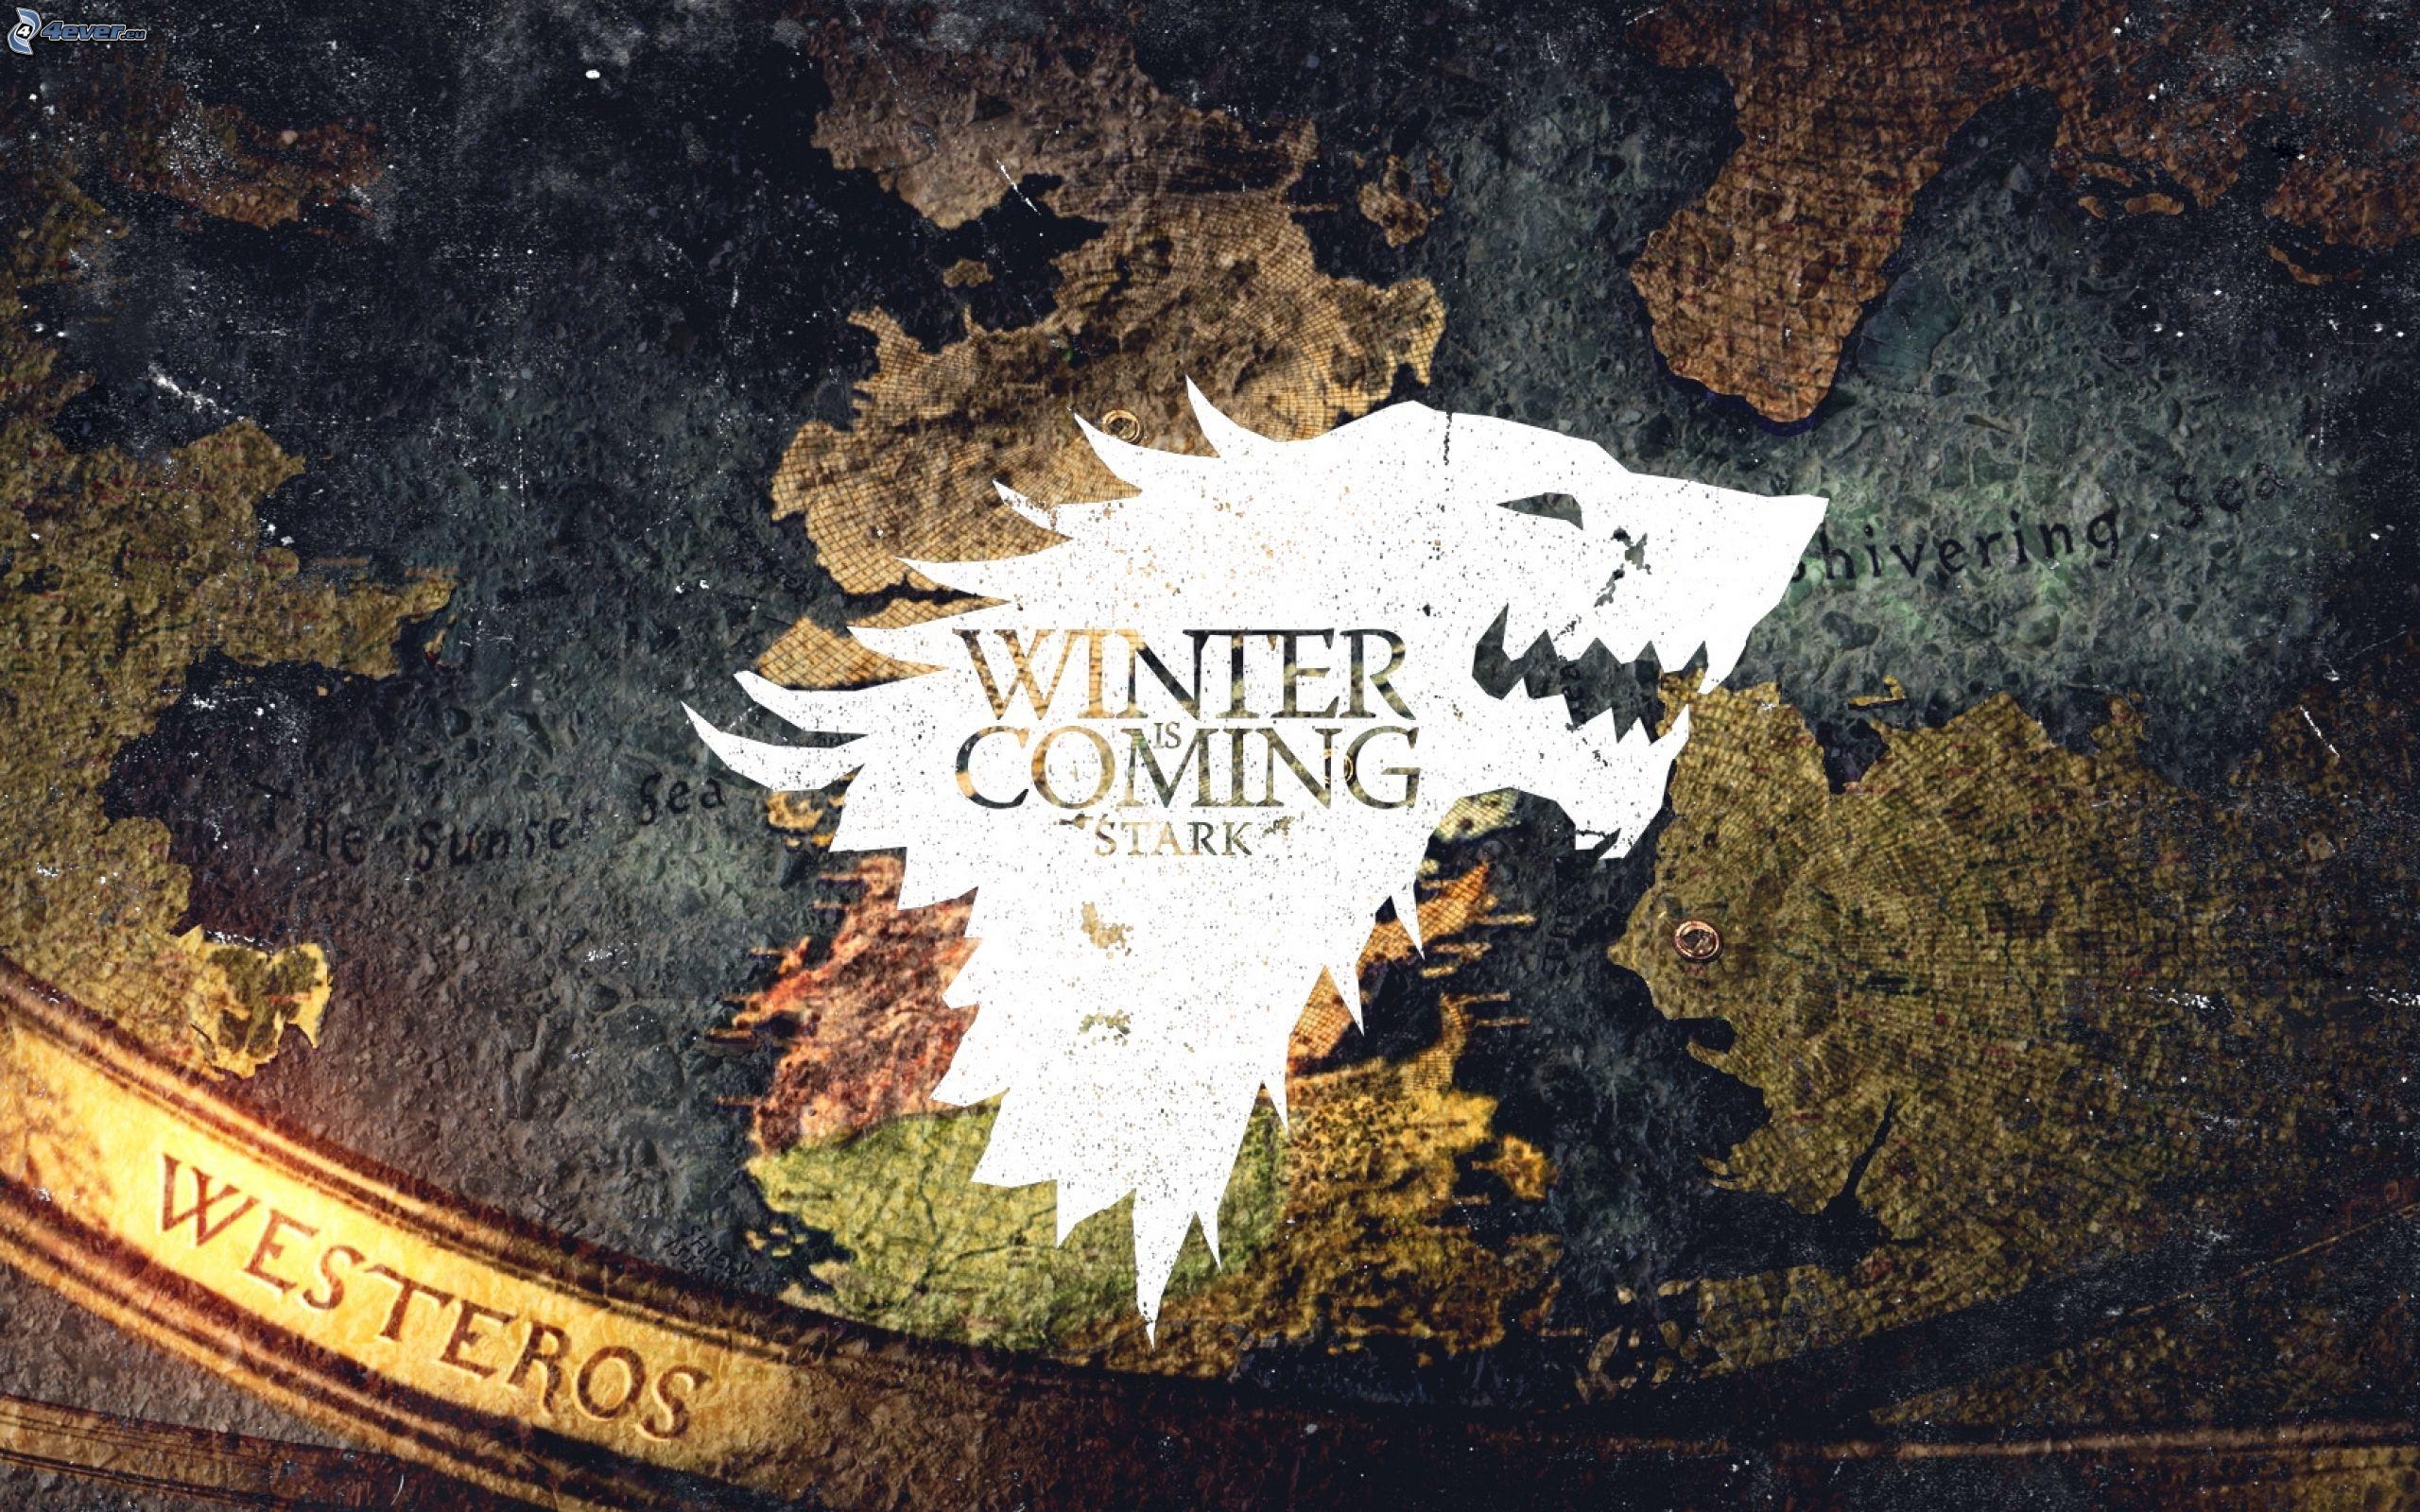 Westeros Karte Hd.Winter Is Coming